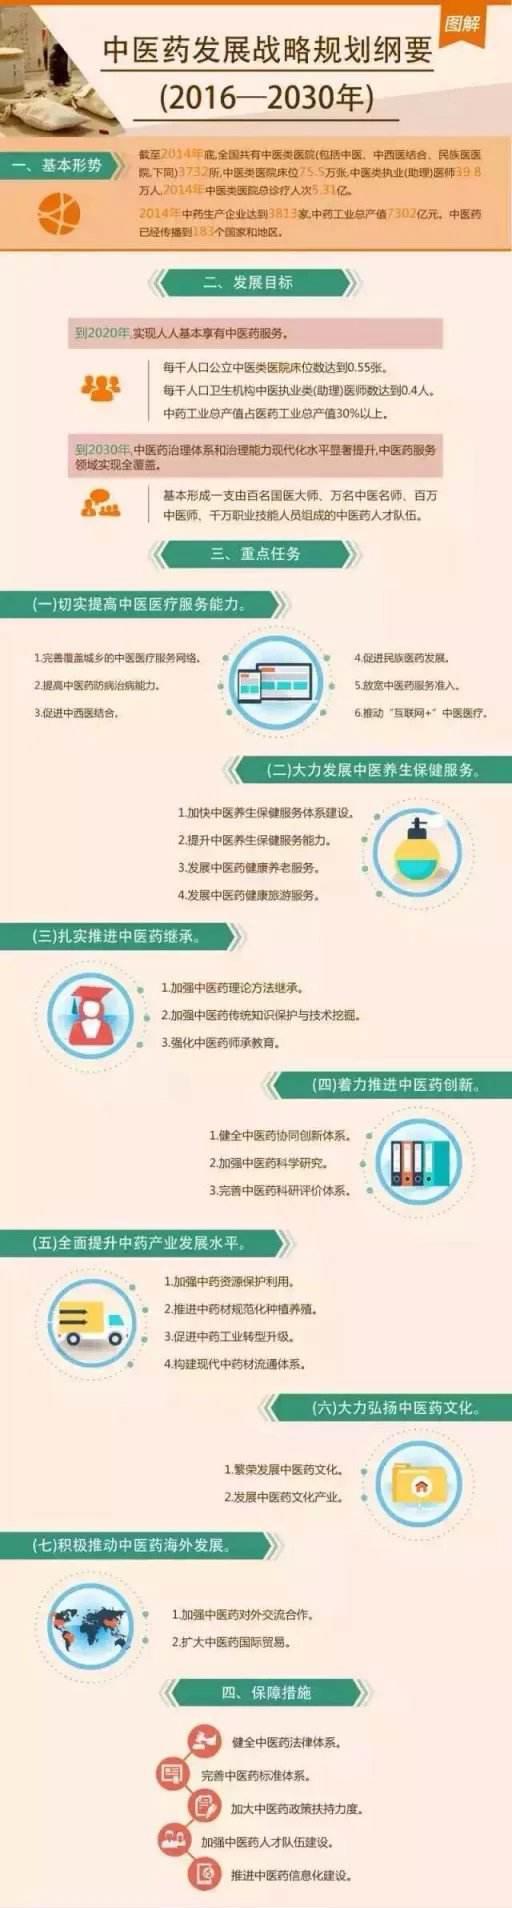 中医药发展战略规划纲要.jpg